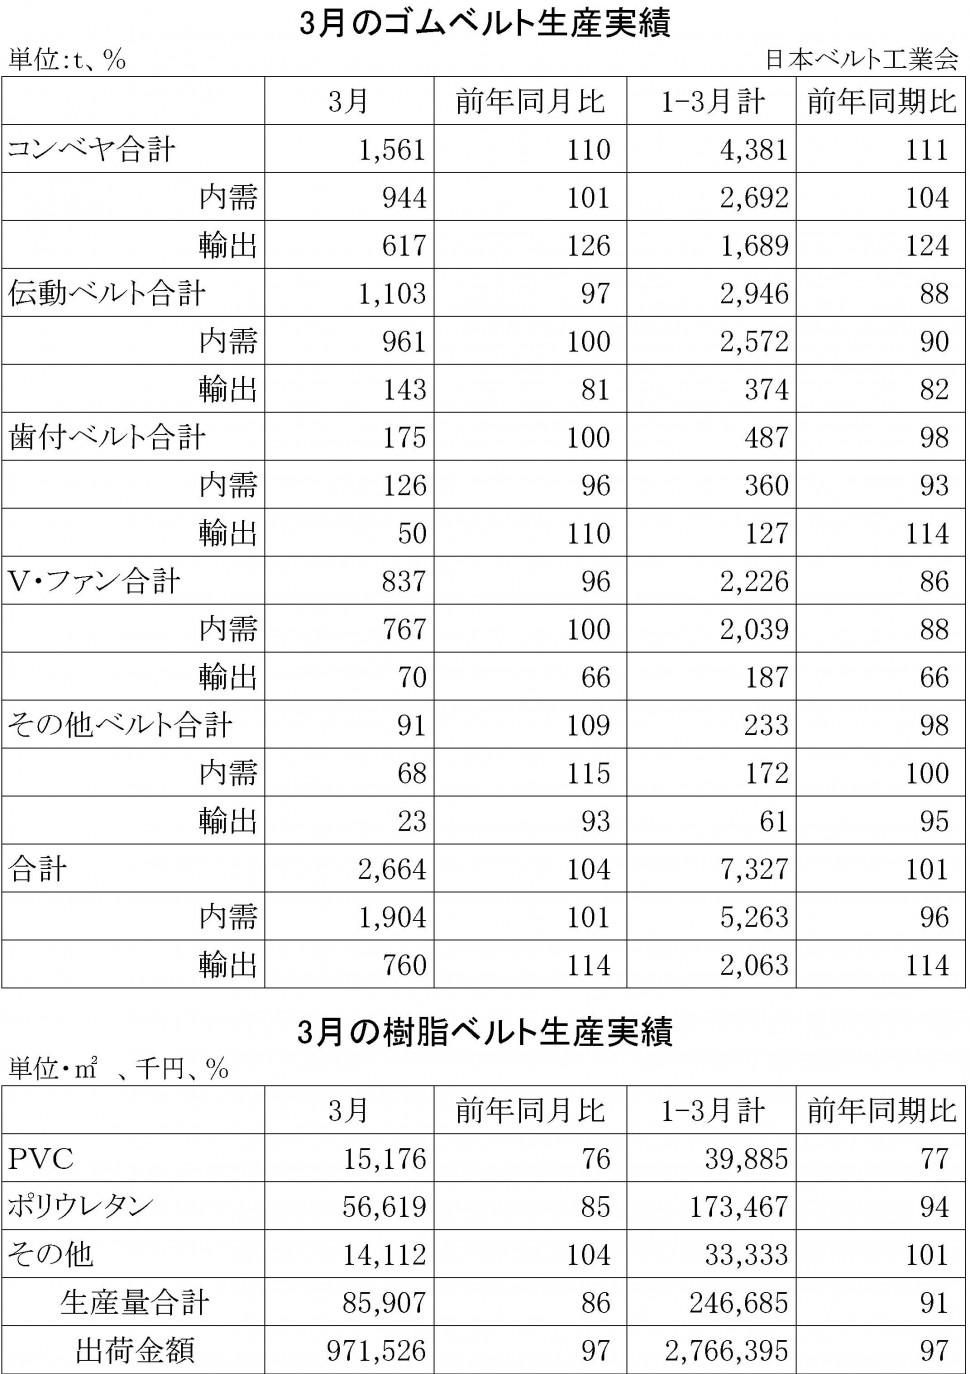 2015-3月ゴムベルト生産実績